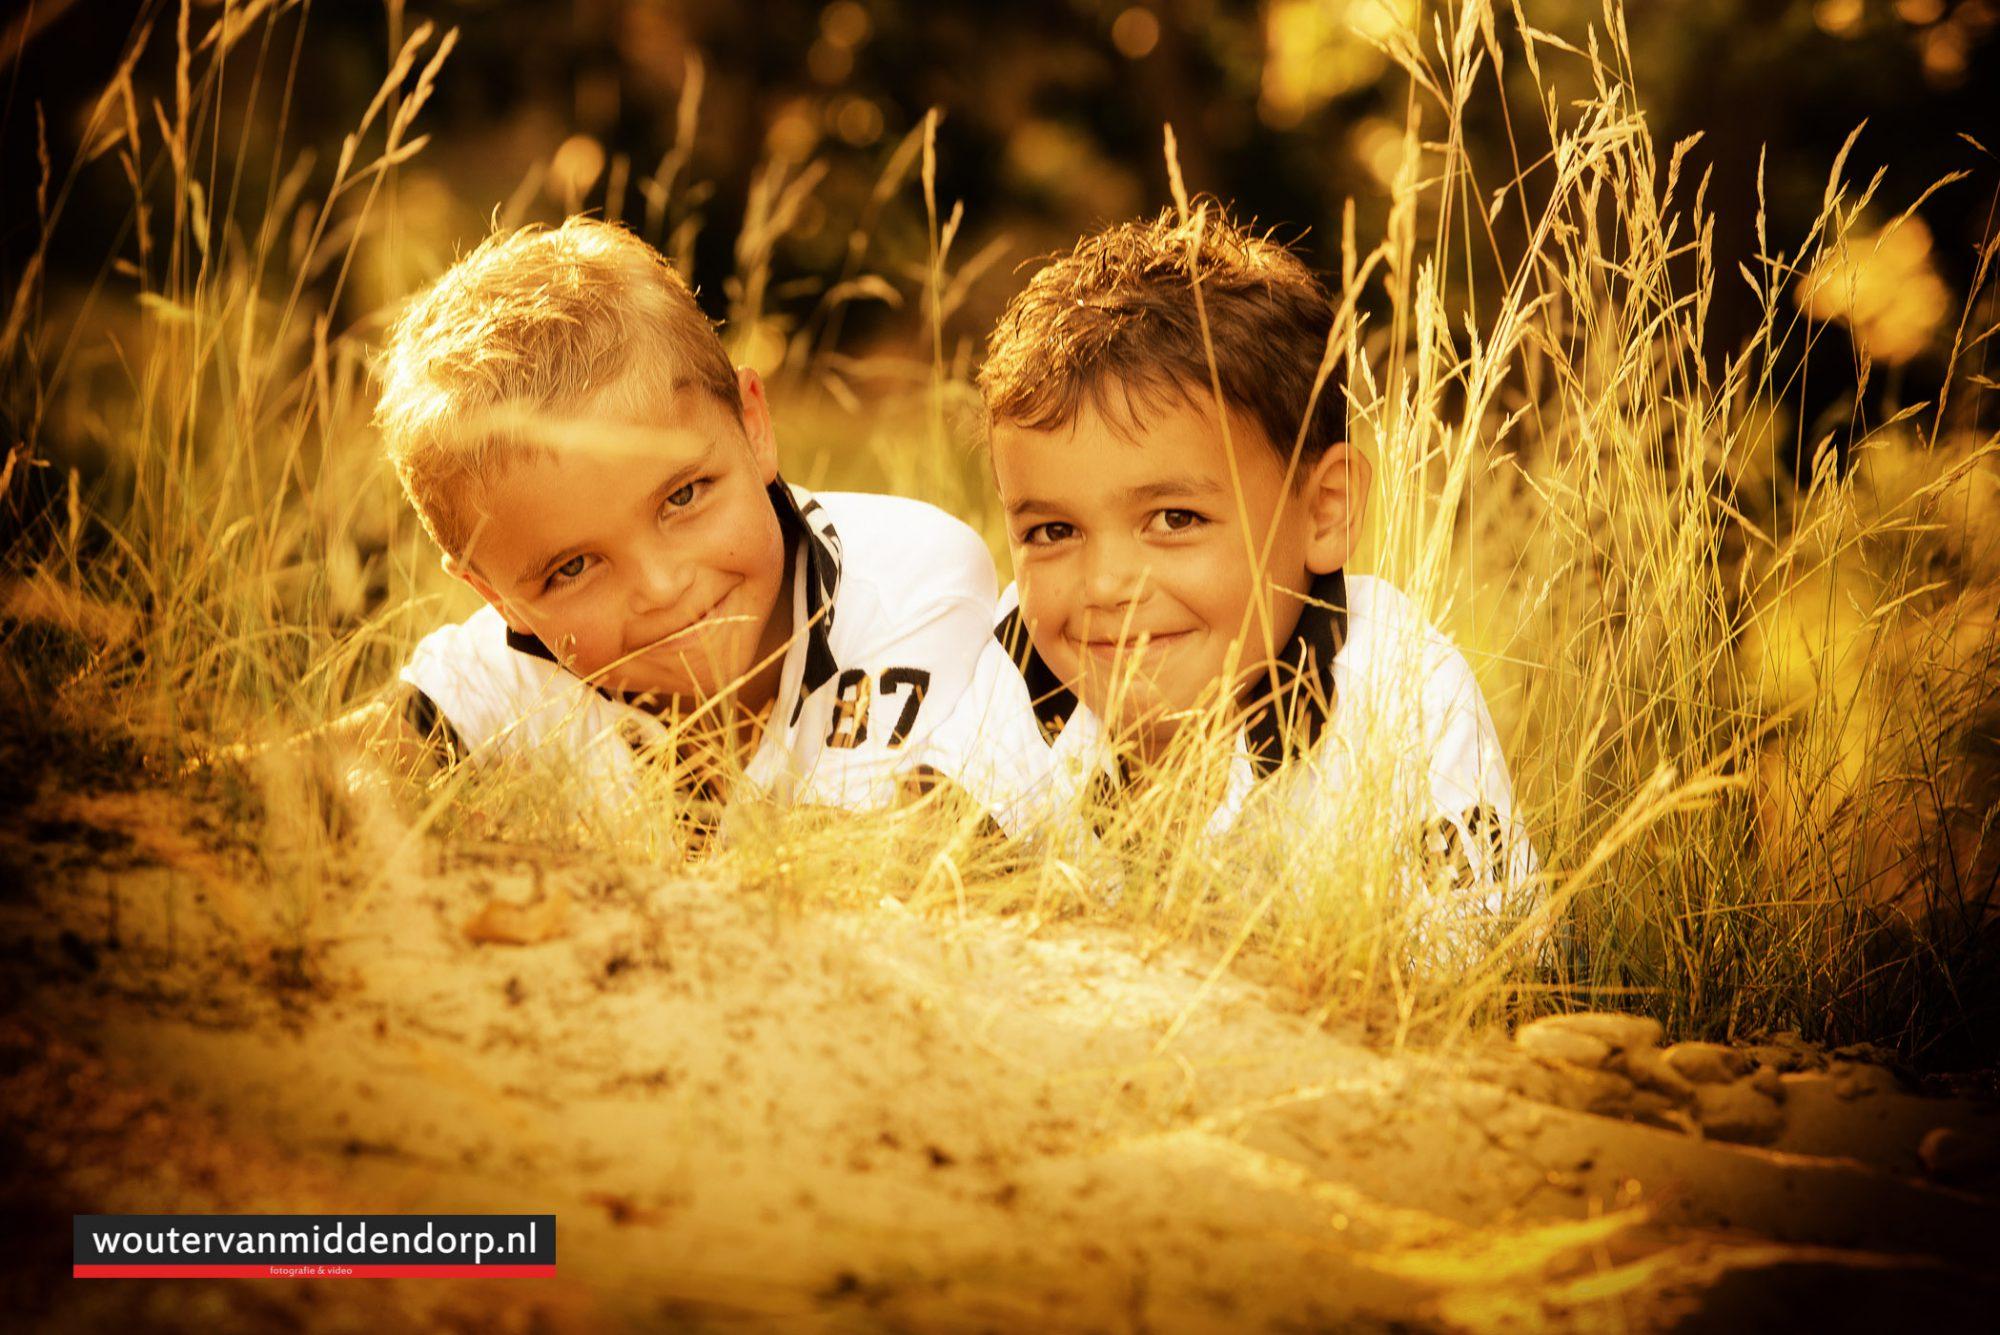 fotografie-wouter-van-middendorp-omgeving-ermelo-17